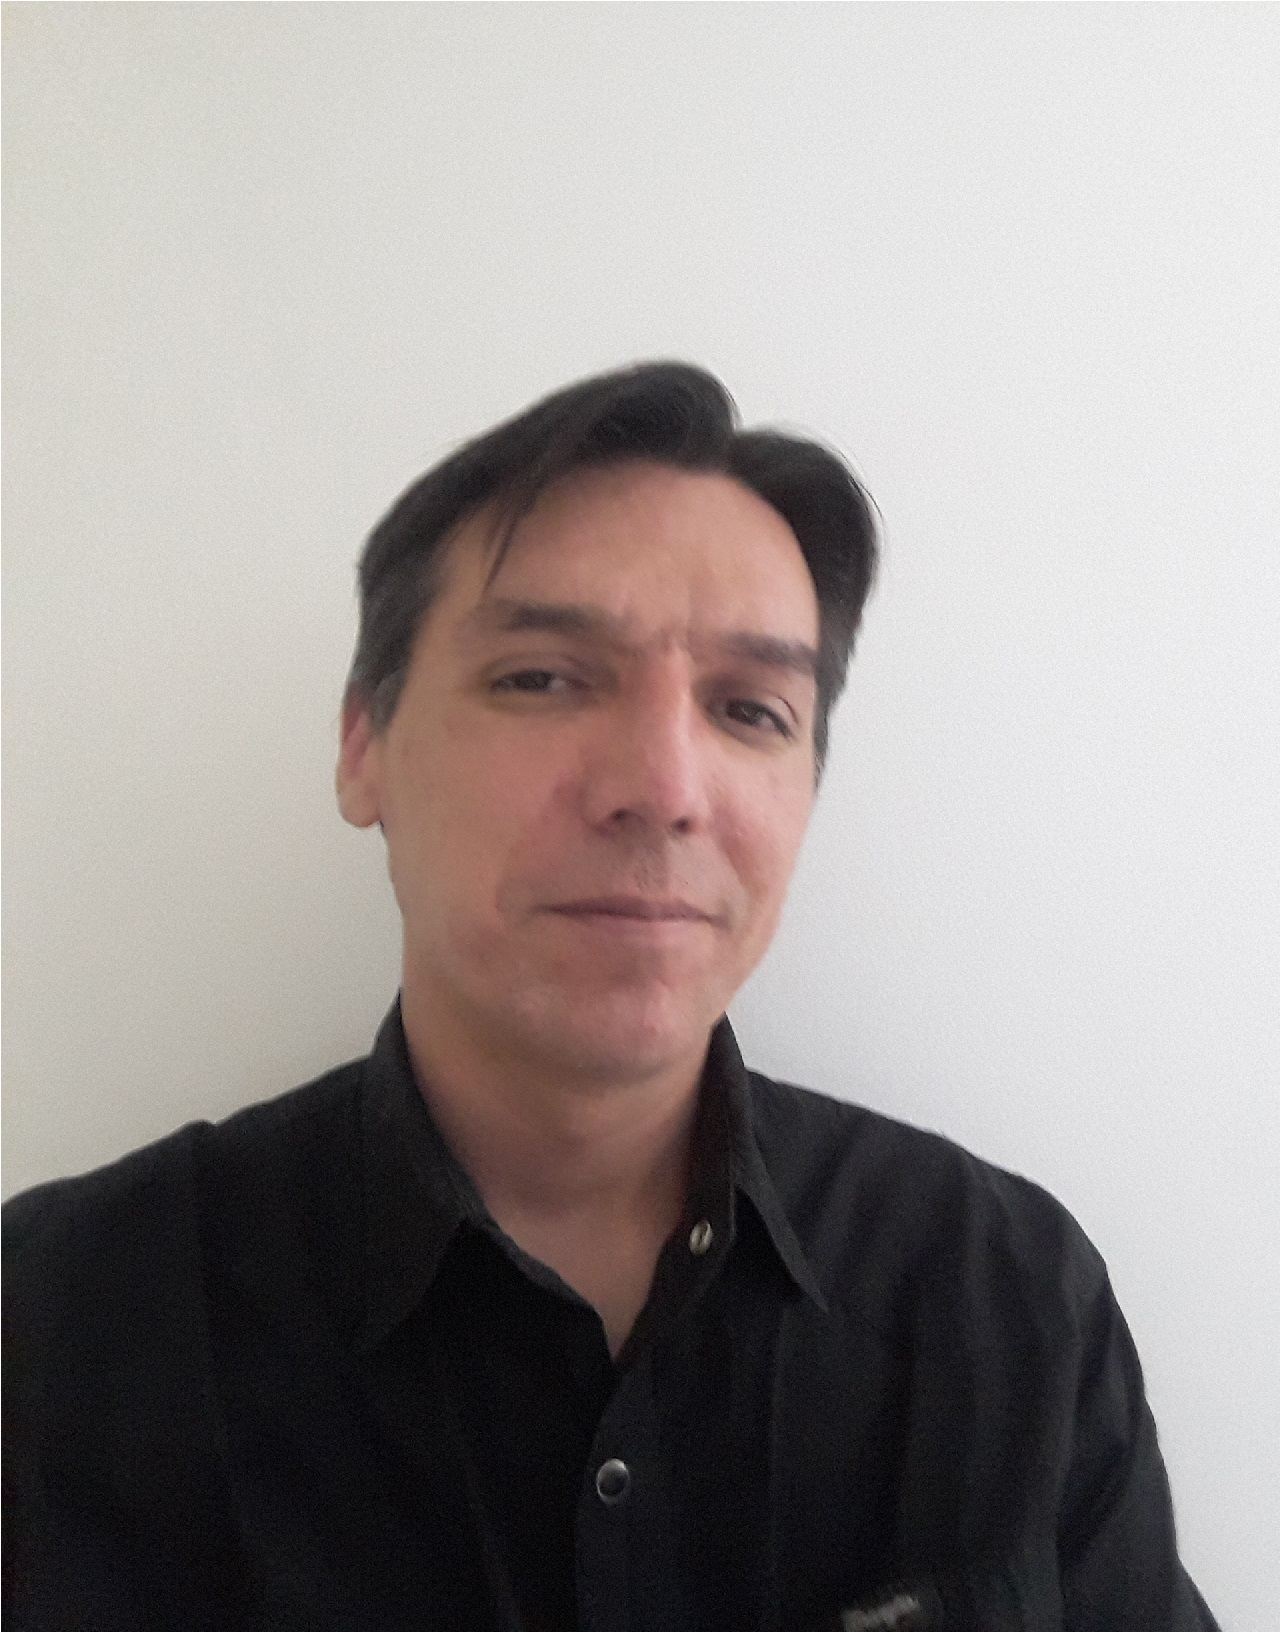 Martín Alejandro Muñiz